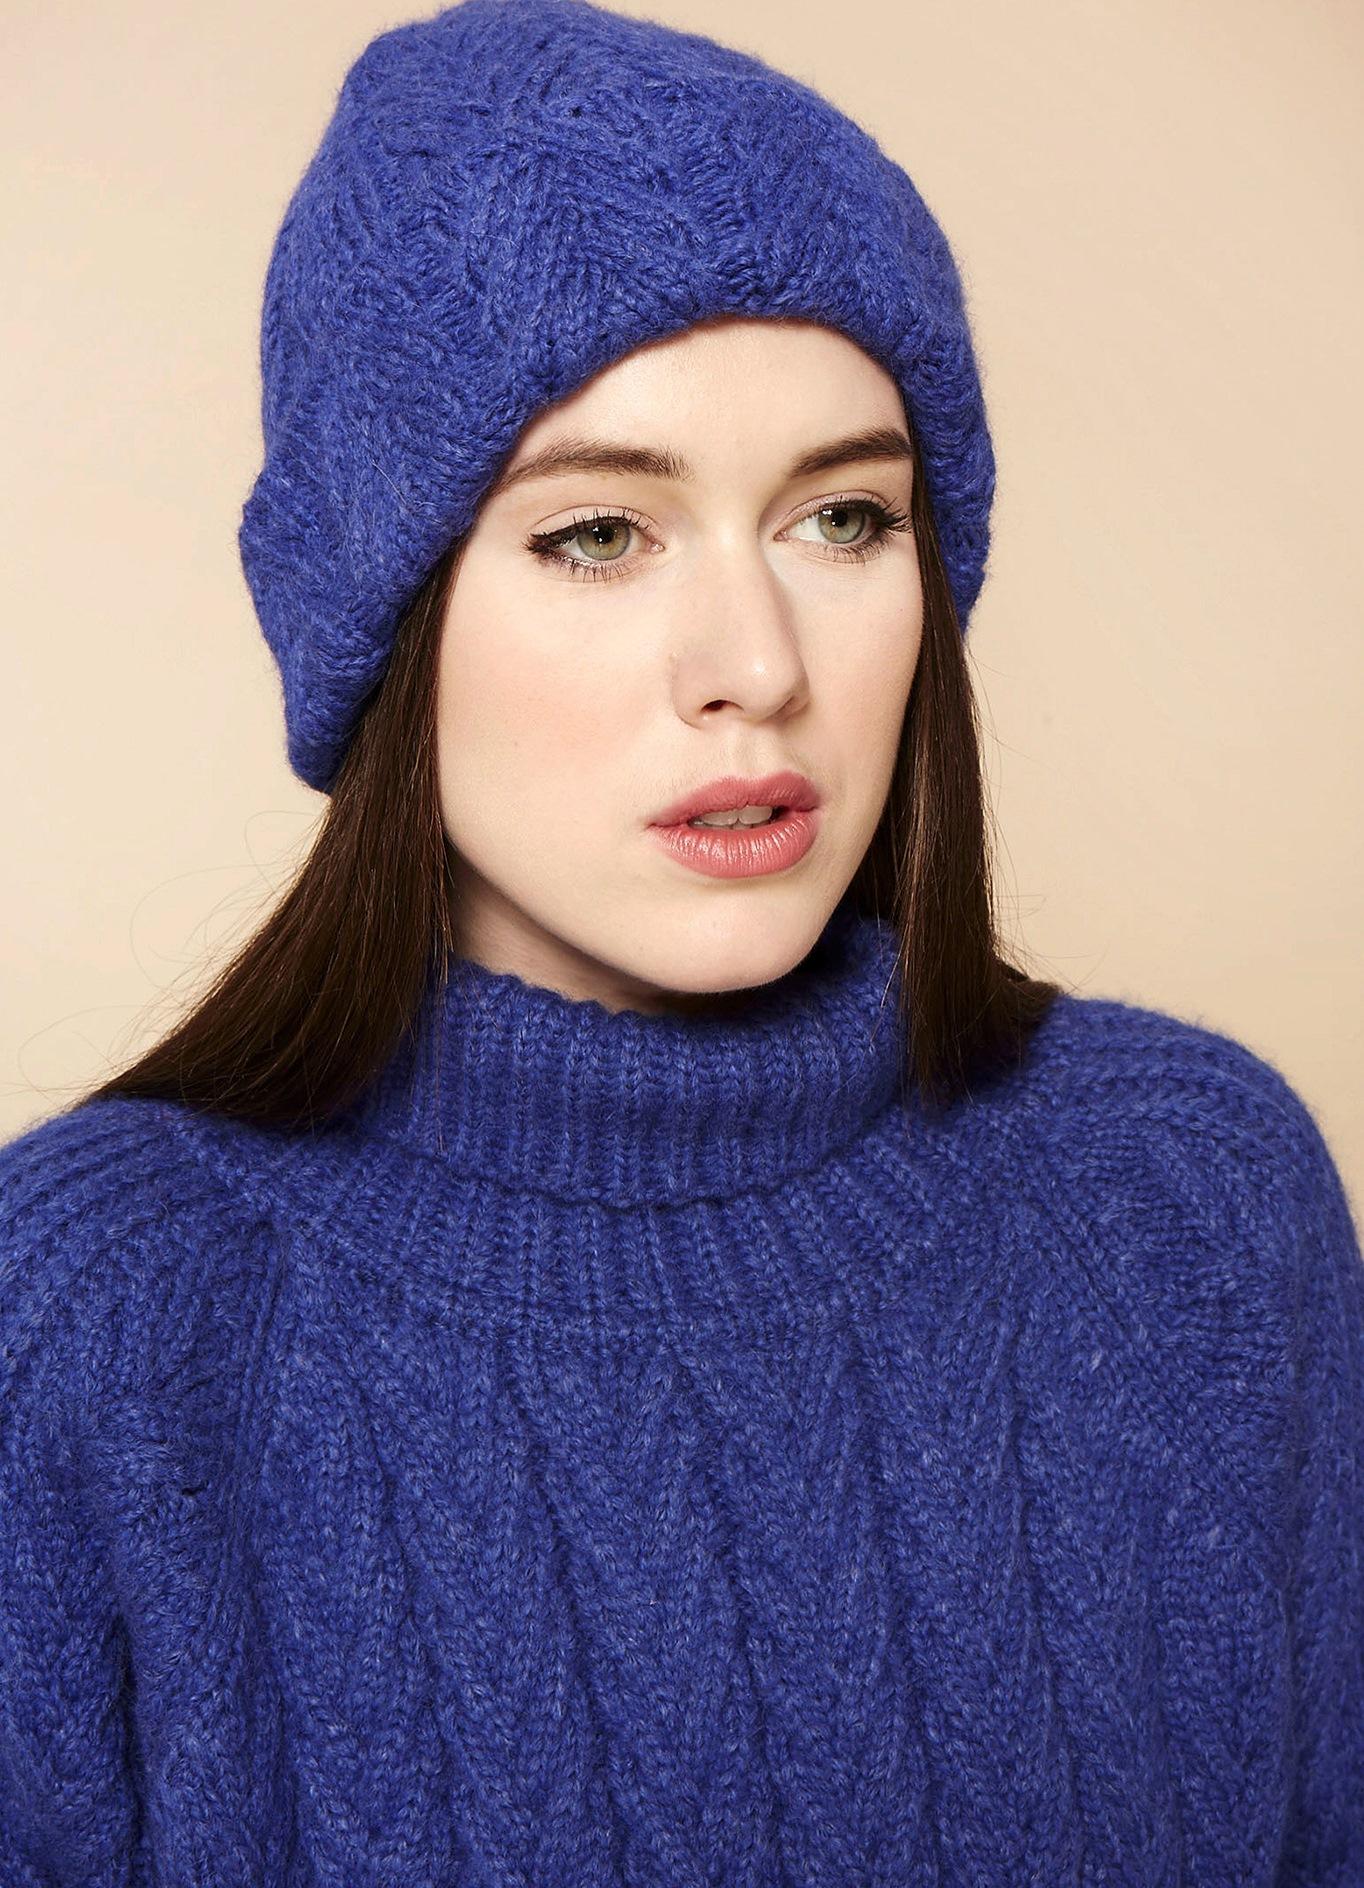 Модные вязаные шапки сезона осень-зима, фото фасонов для женщин 2